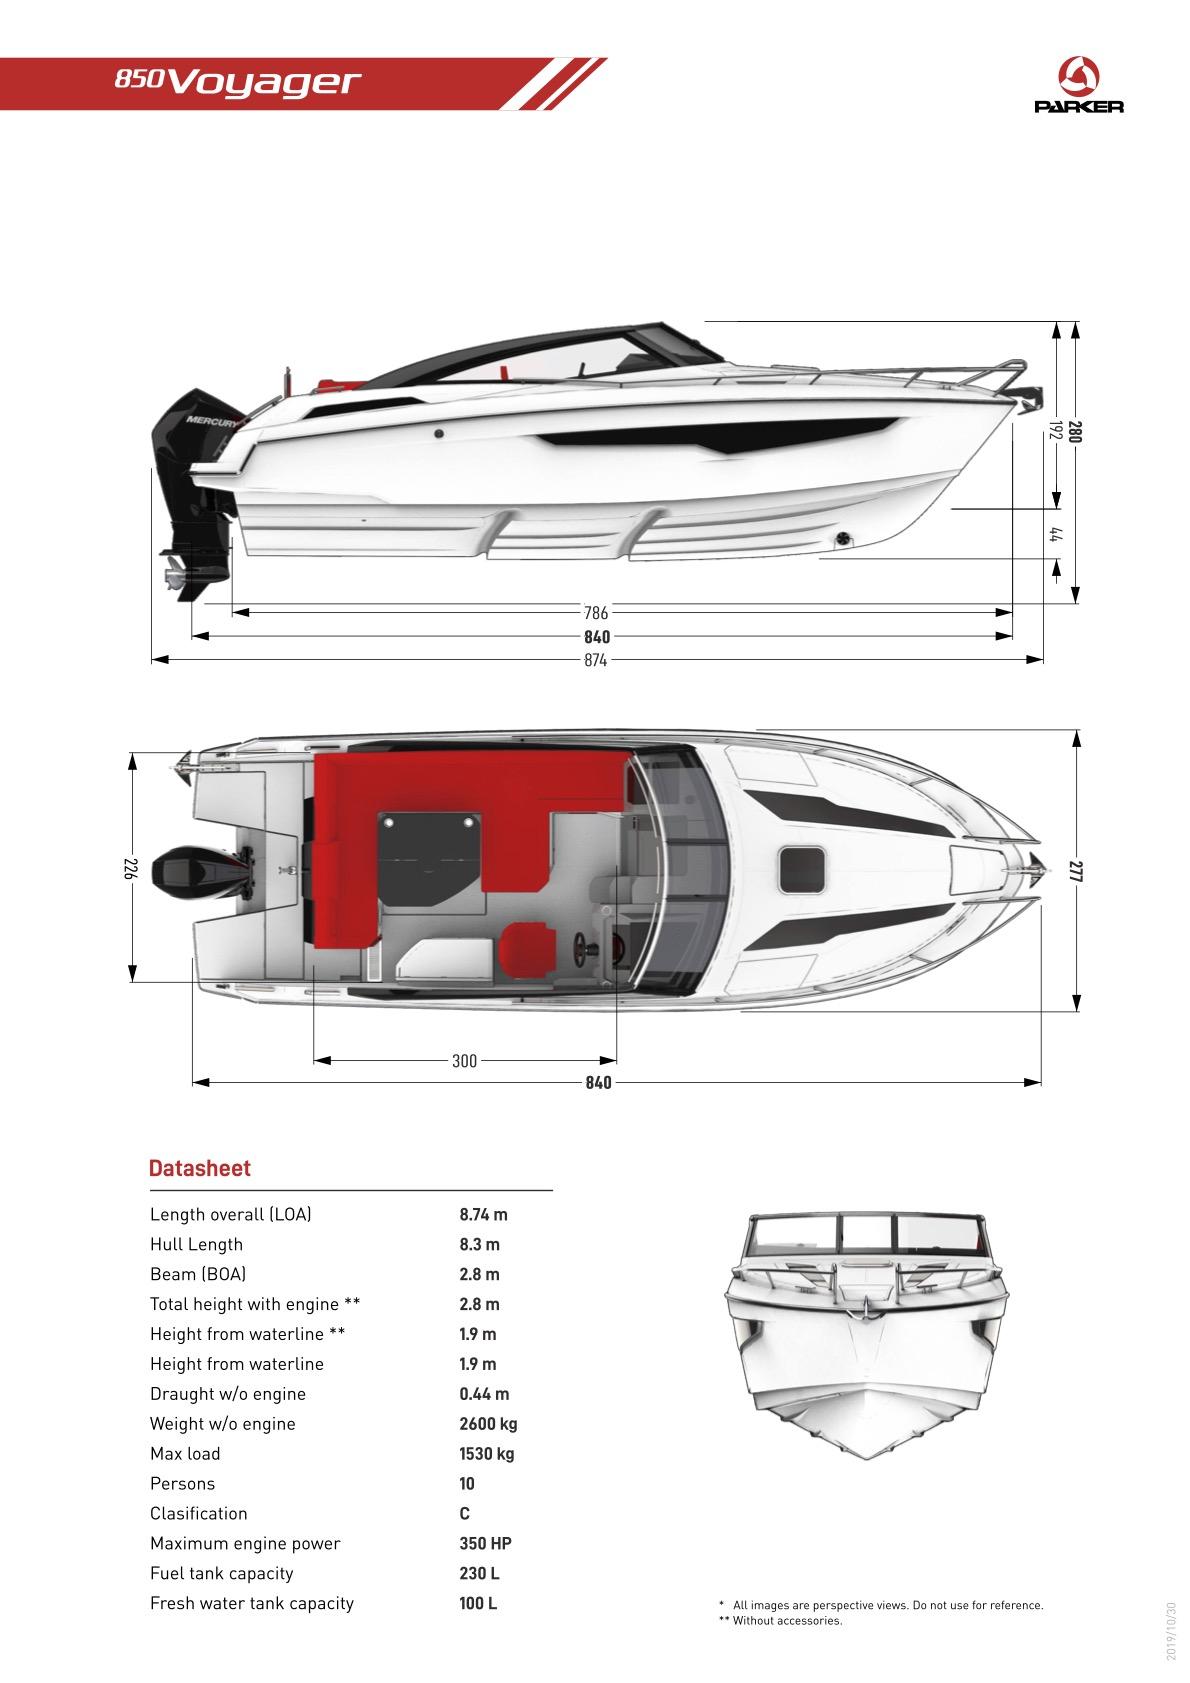 Parker 850 Voyager plan de pont exterieur